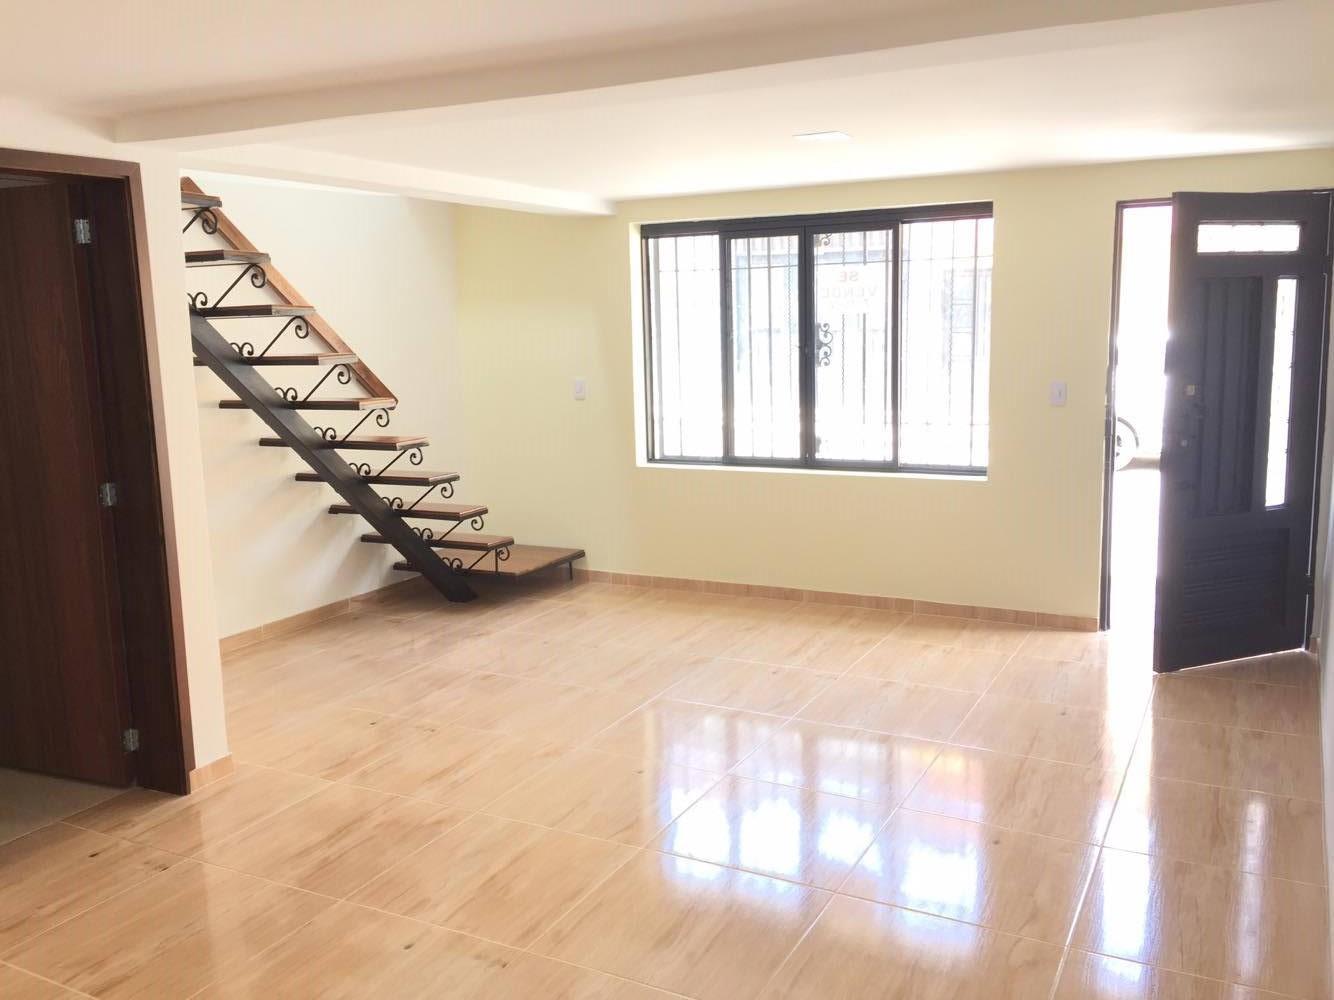 CV-0432 Casa en venta en sector residencial del municipio de Chinchiná.